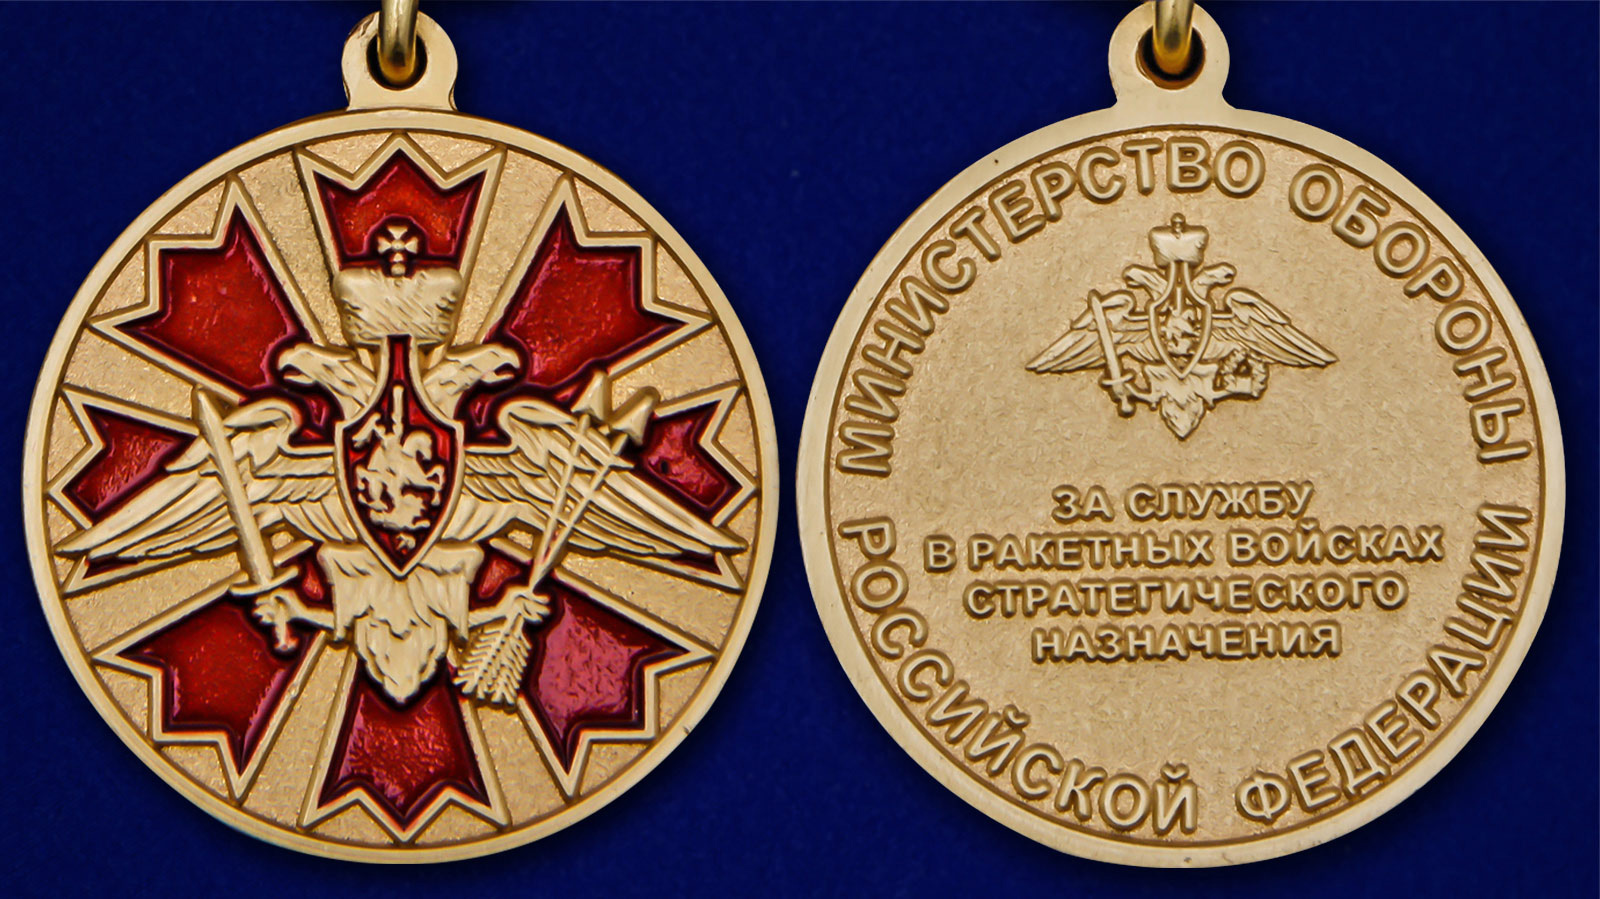 Памятная медаль За службу в Ракетных войсках стратегического назначения - аверс и реверс